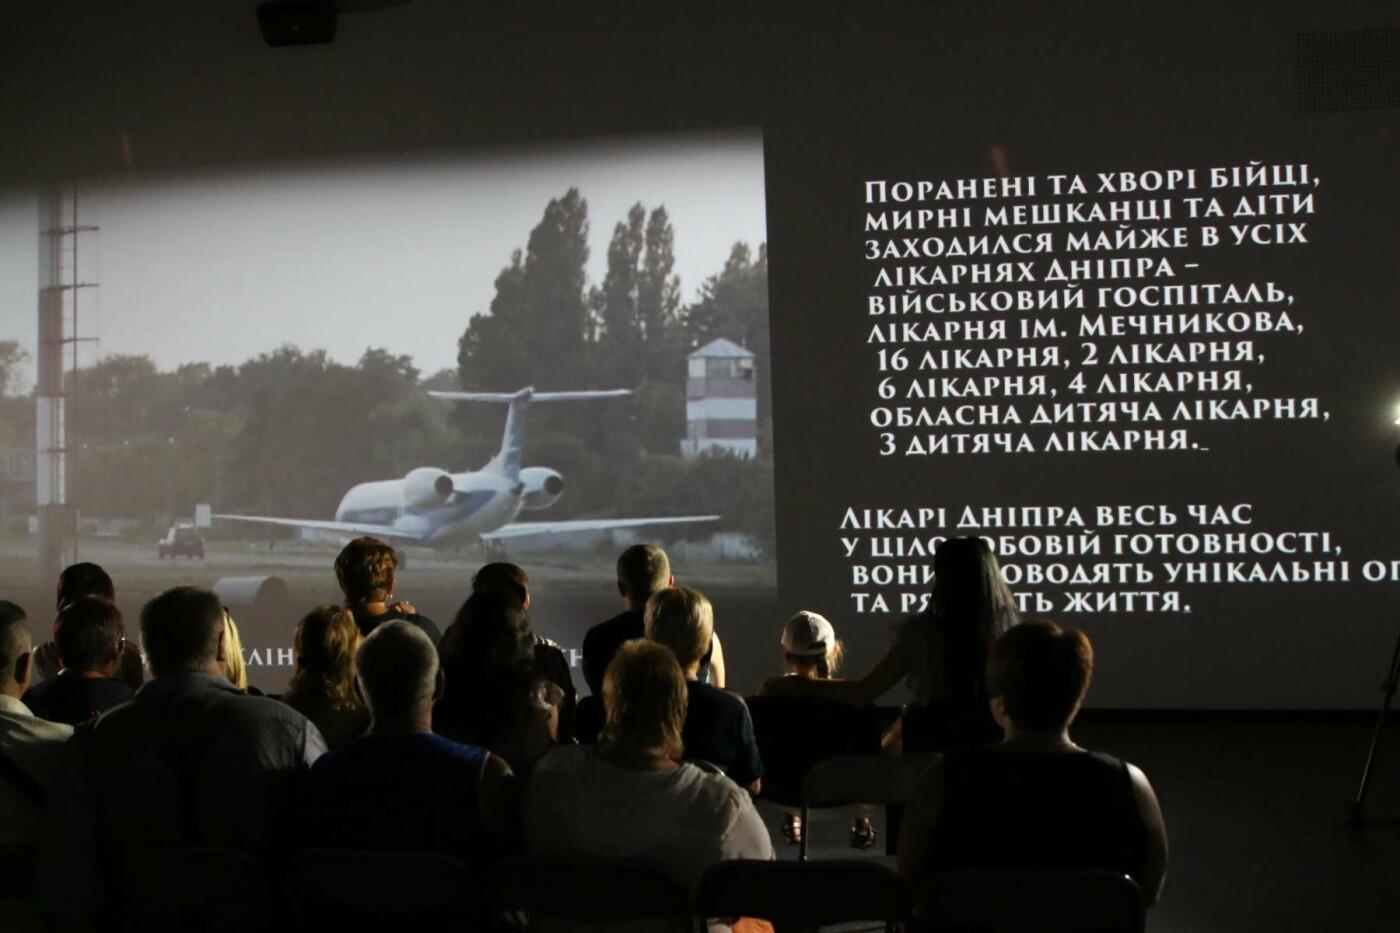 Памяти тех, кто погиб на этой войне за Украину: на Днепропетровщине во второй раз издали книгу о воинах, которые отдали жизнь за мир, - ФОТО, фото-1